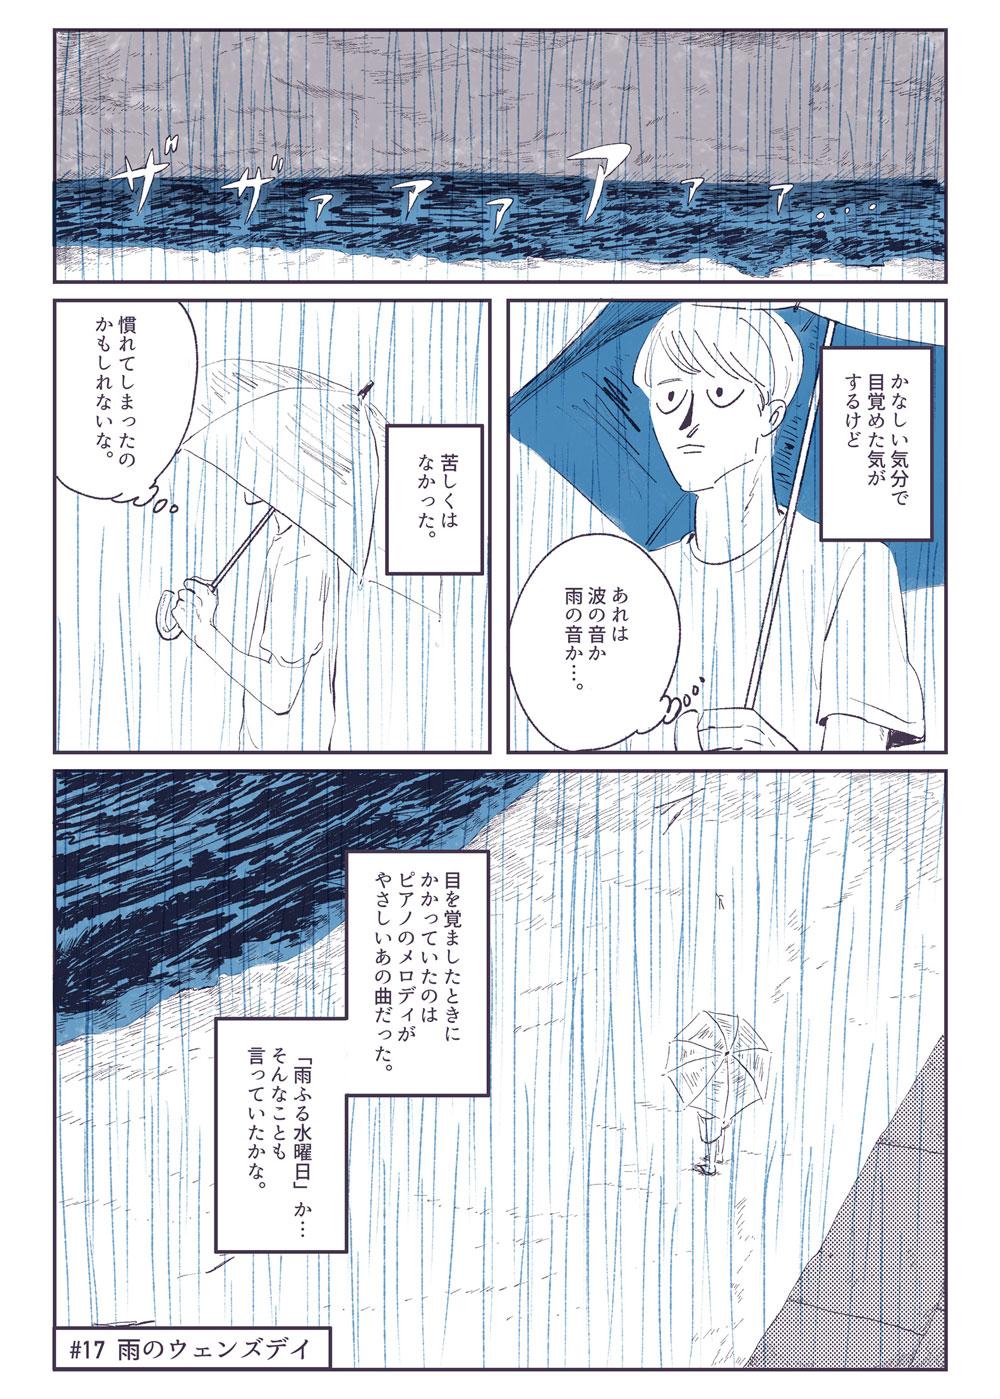 hasuda-yui-017-2